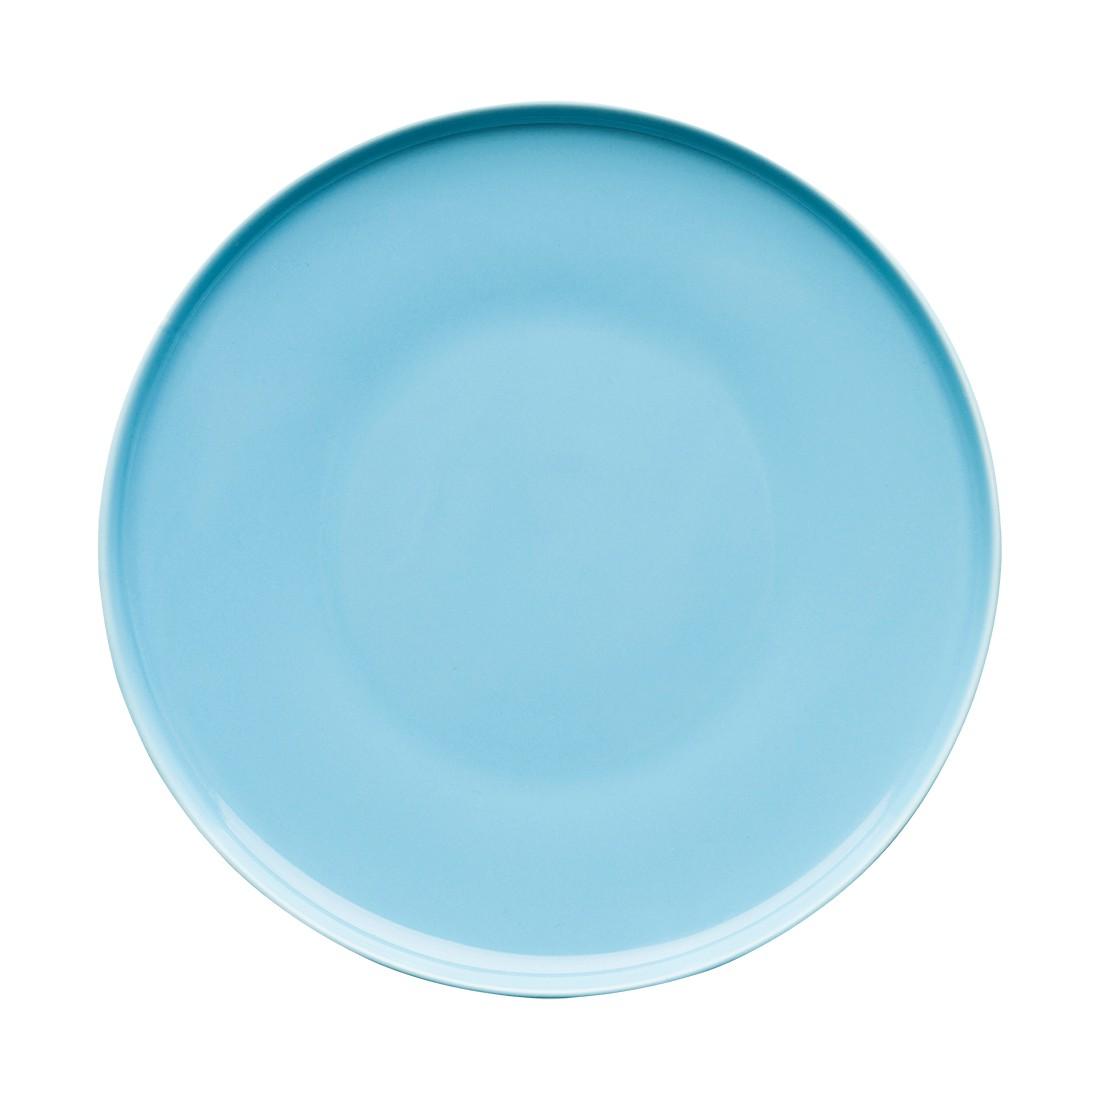 Dessertteller POP – Keramik Türkis, Sagaform jetzt kaufen